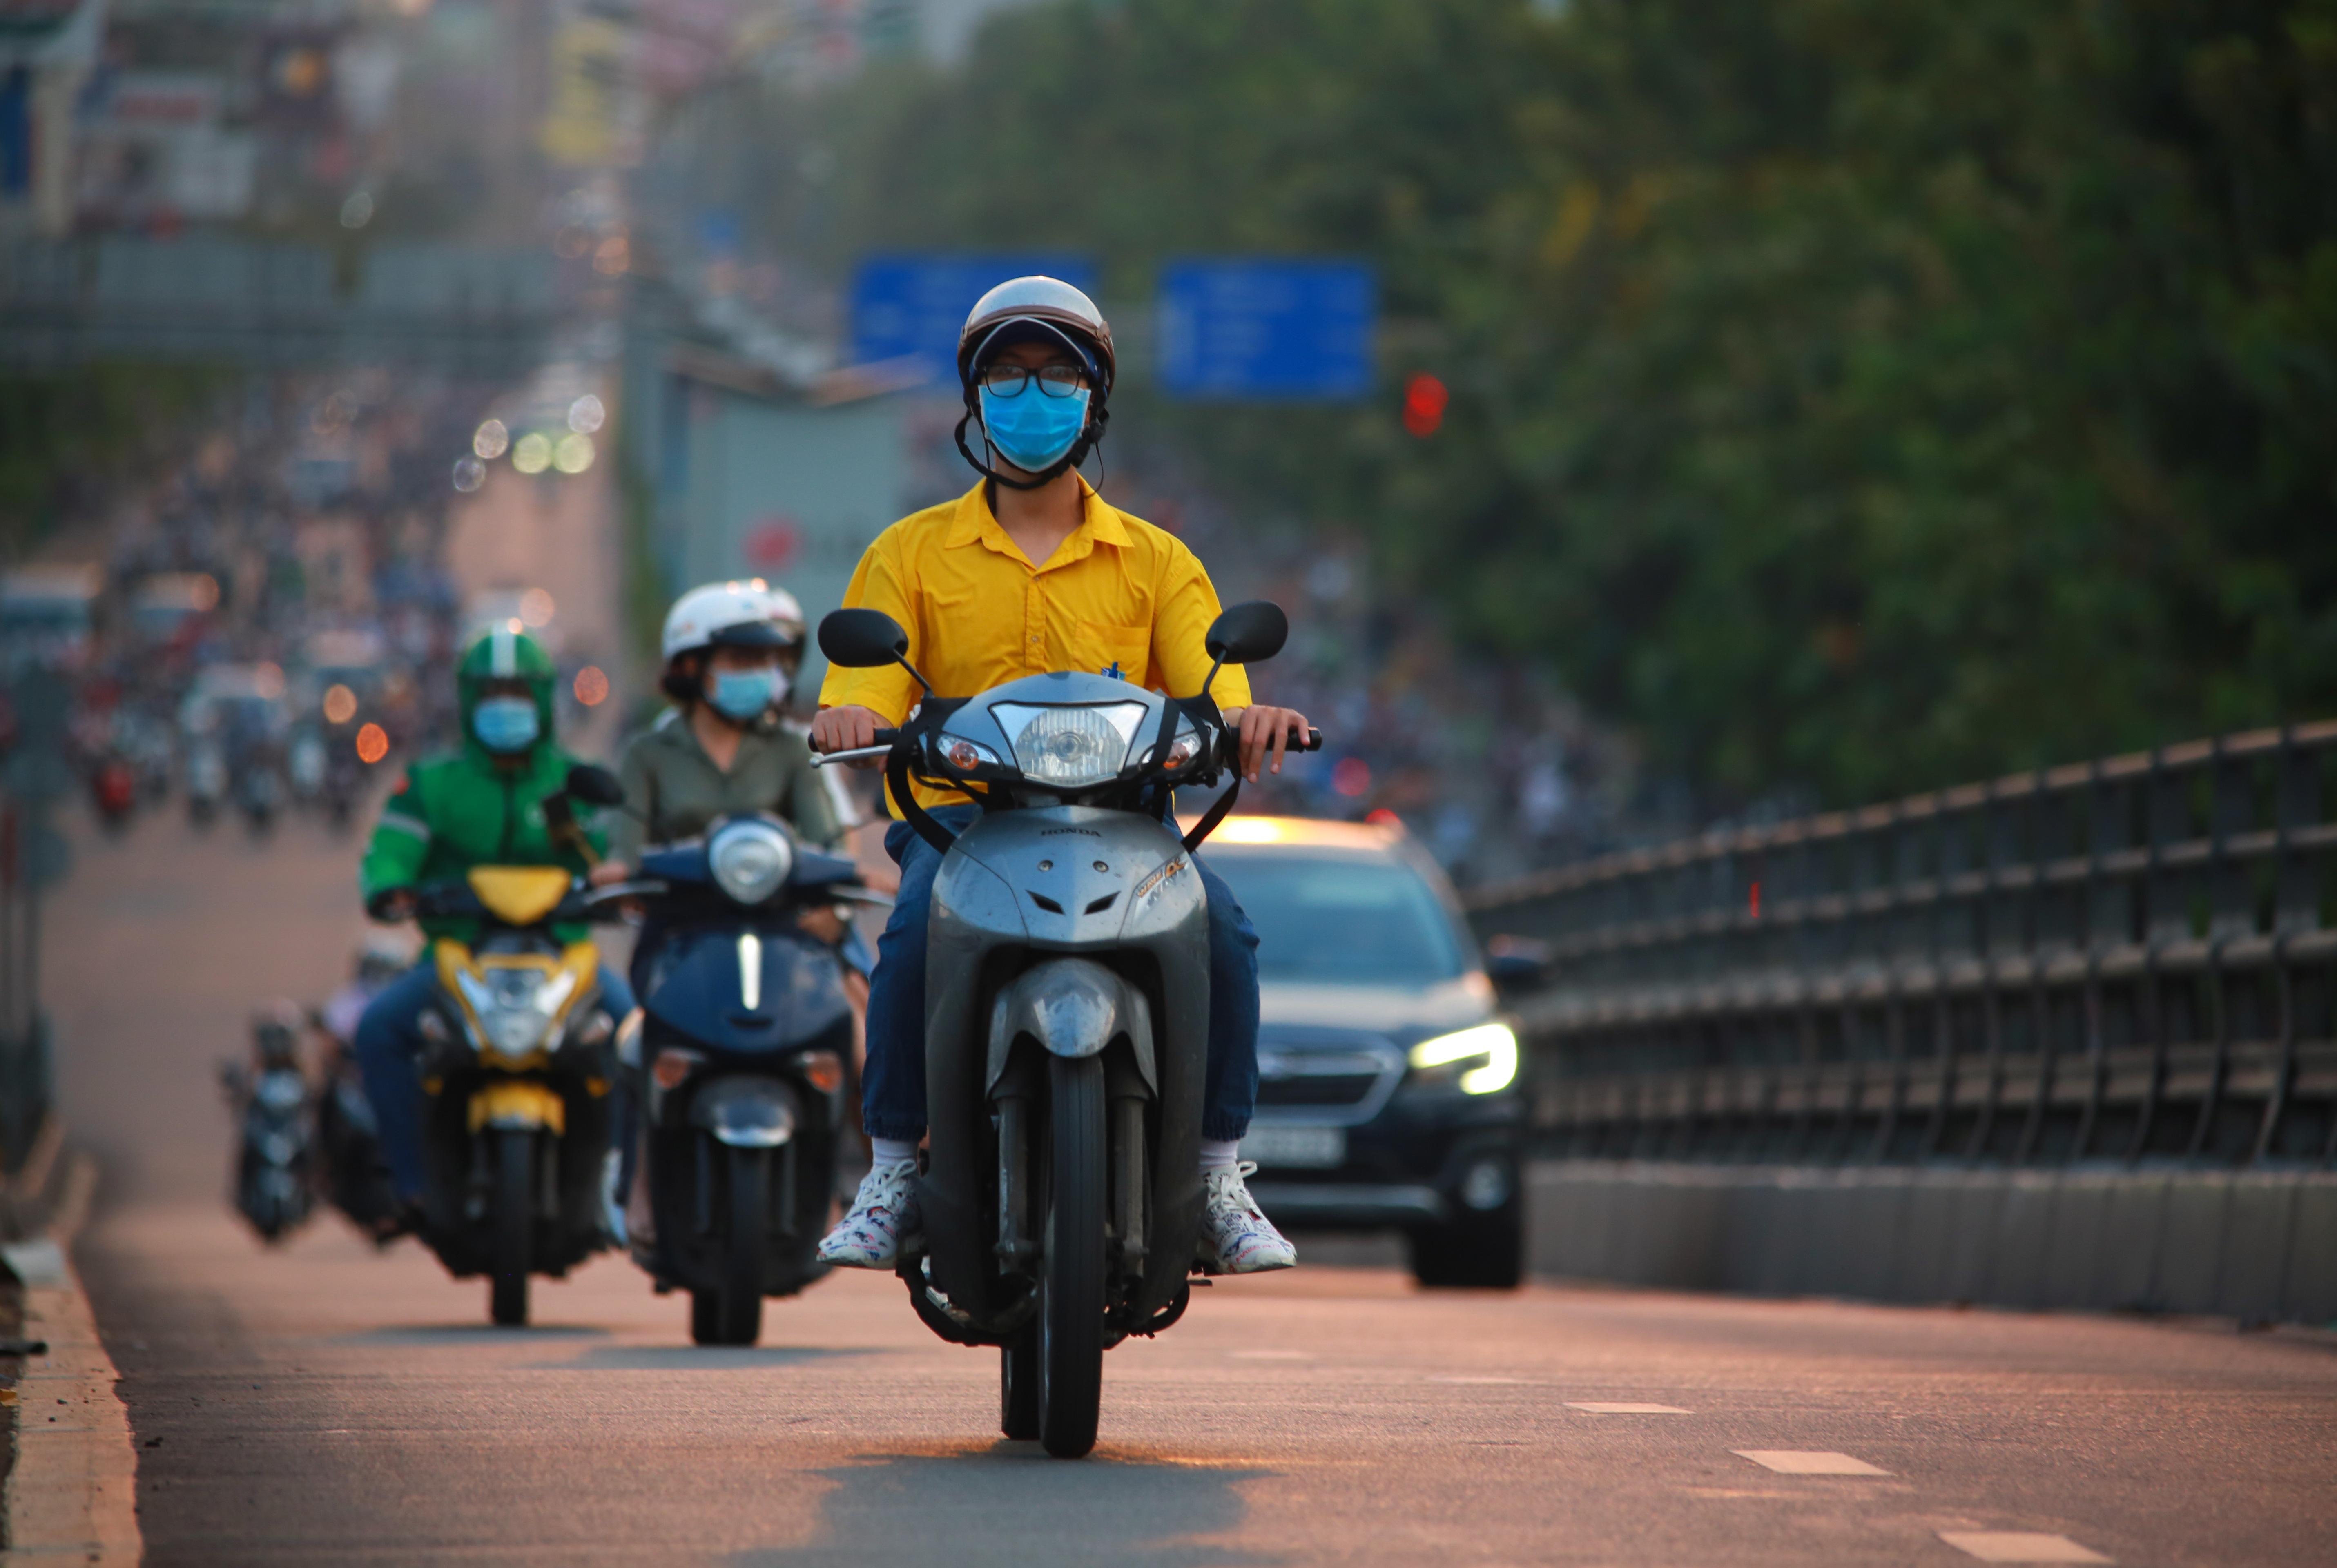 Sài Gòn đông đúc khi sắp kết thúc đợt cách ly toàn xã hội 14 ngày - Ảnh 10.